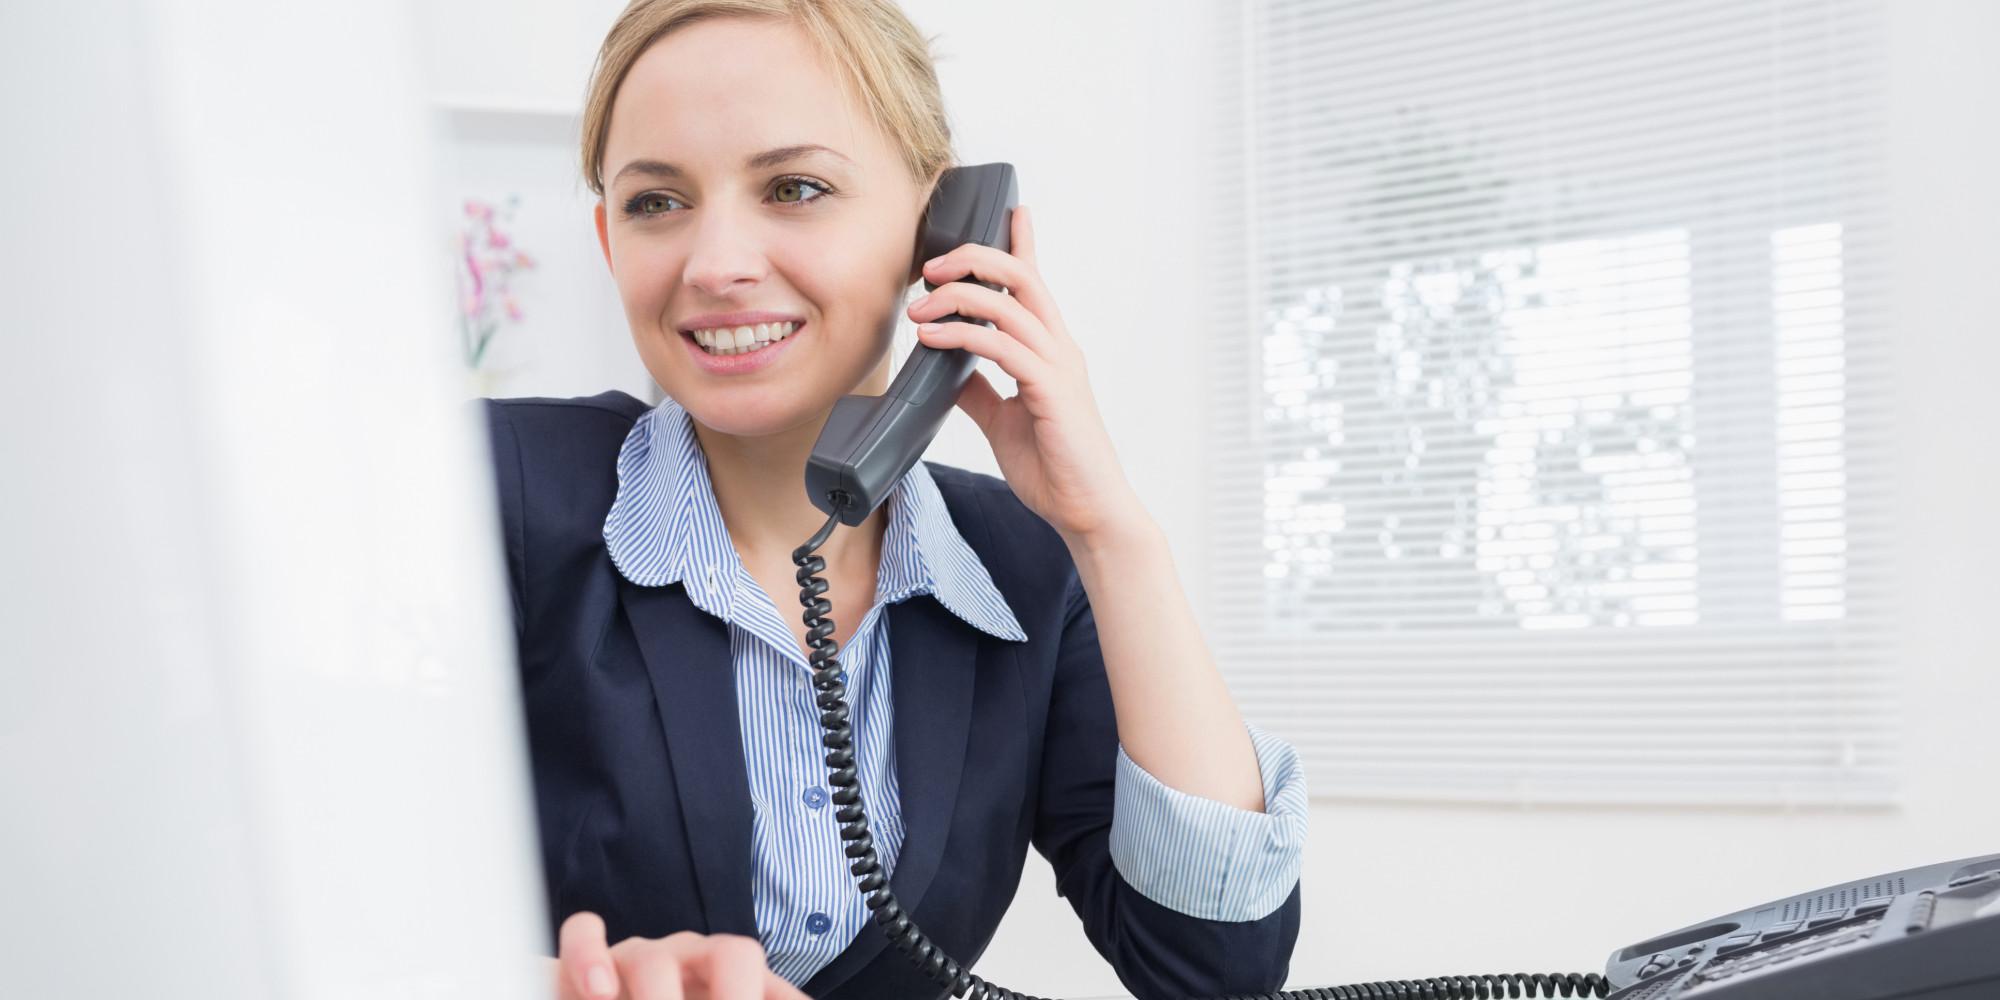 Online bekanntschaft erstes telefonat